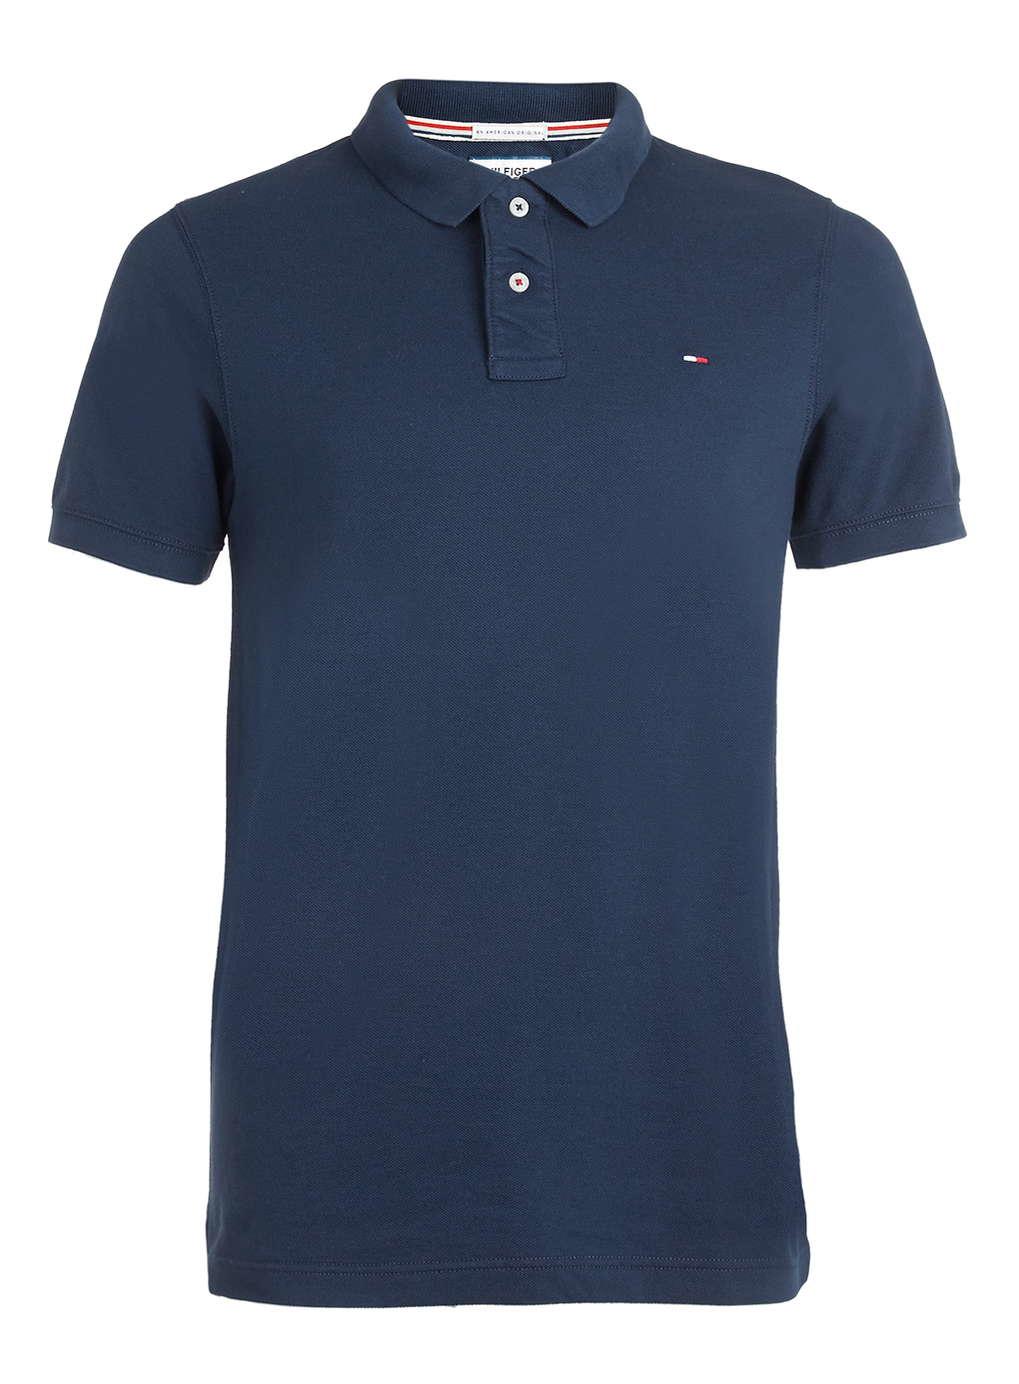 tommy hilfiger hilfiger denim blue polo shirt in blue for. Black Bedroom Furniture Sets. Home Design Ideas